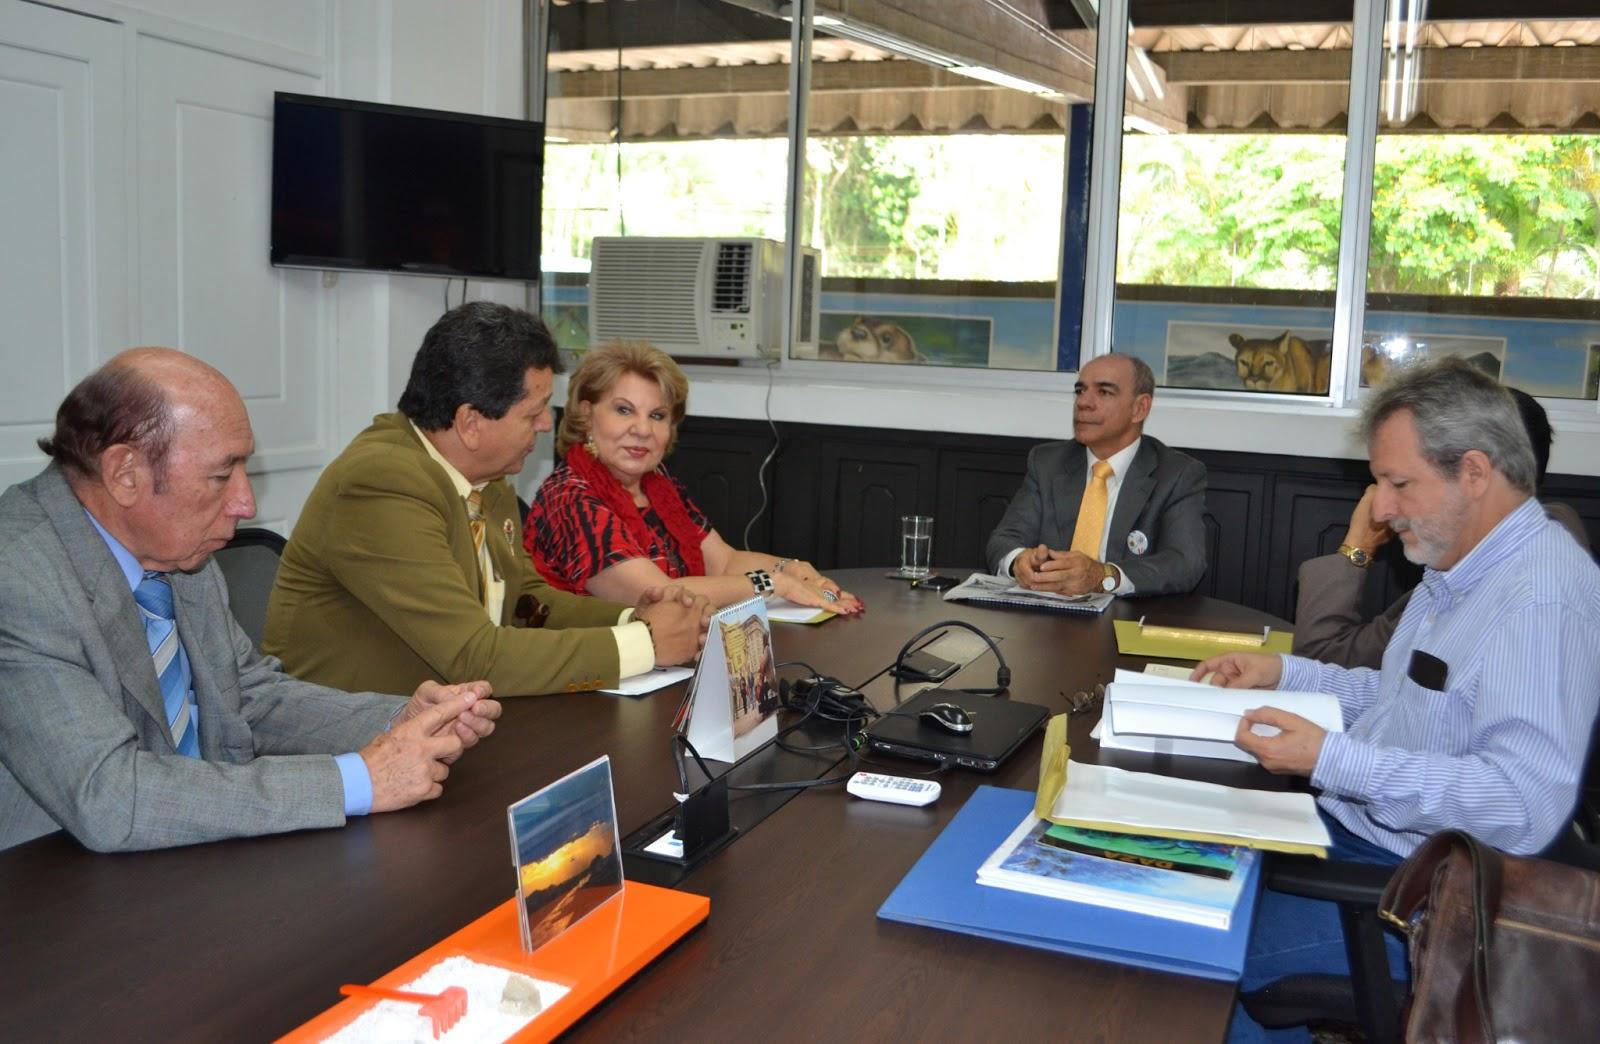 CLUMNA DEL COMUNICADOR SOCIAL, RUBÉN DARÍO FRANCO NARVAEZ, PRESIDENTE DE LA  ASOCIACIÓN DE PERIODISTAS DE RISARADA, (Pri), POETA, ESCRITOR, COLUMNIST Y  MINVESTIGADOR – Notieje.com